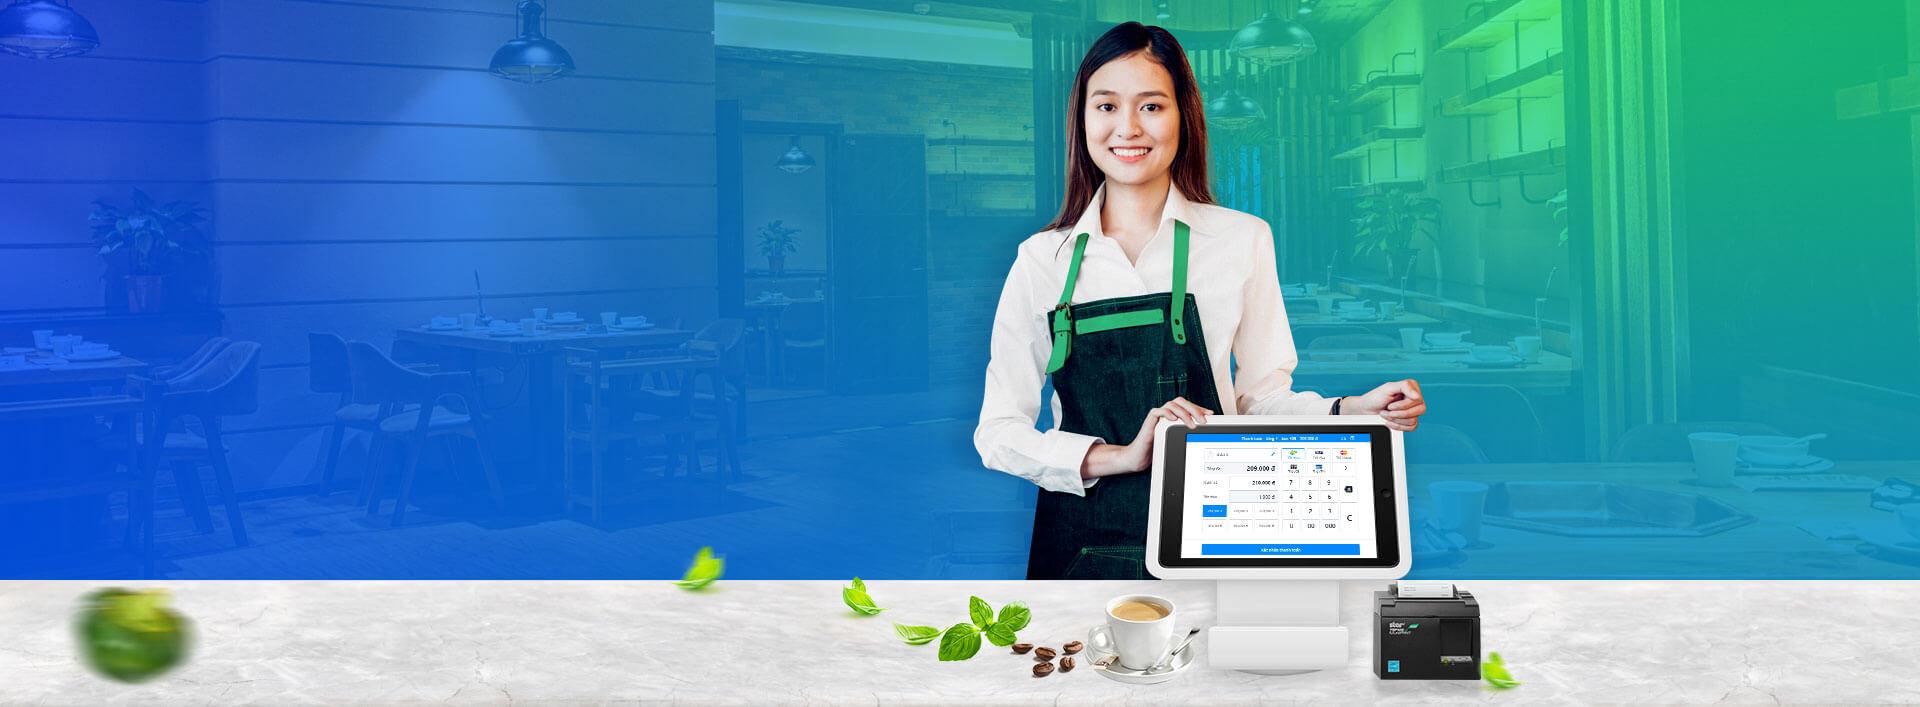 Phần mềm quản lý nhà hàng Sapo FnB